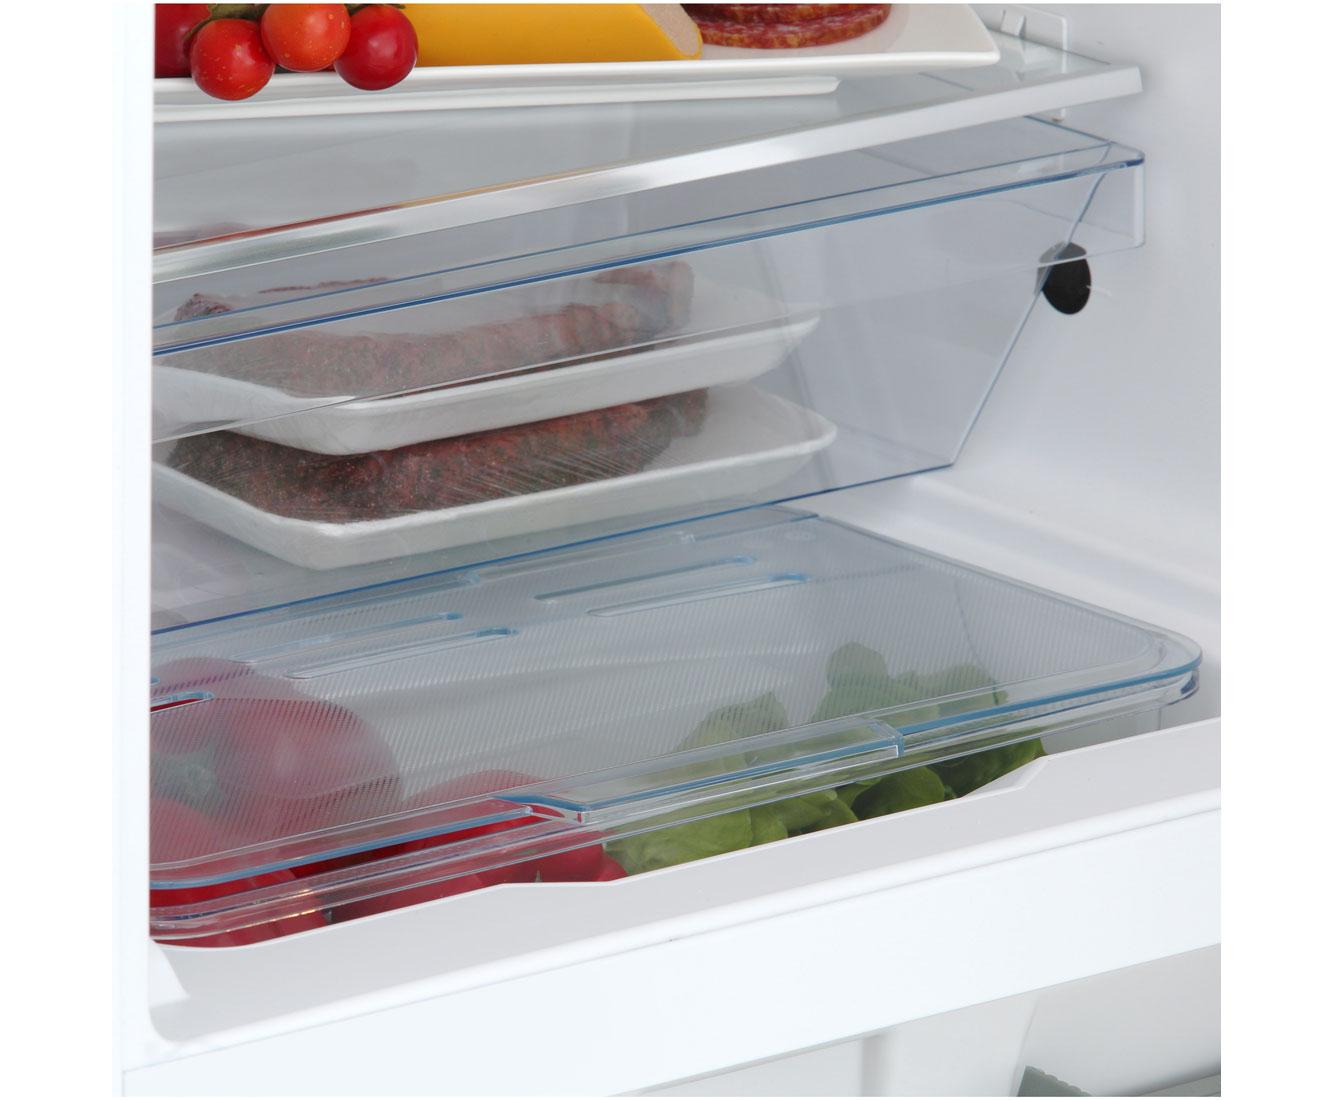 Bosch Kühlschrank Richtig Einräumen : Bosch serie kur a einbau kühlschrank er nische festtür